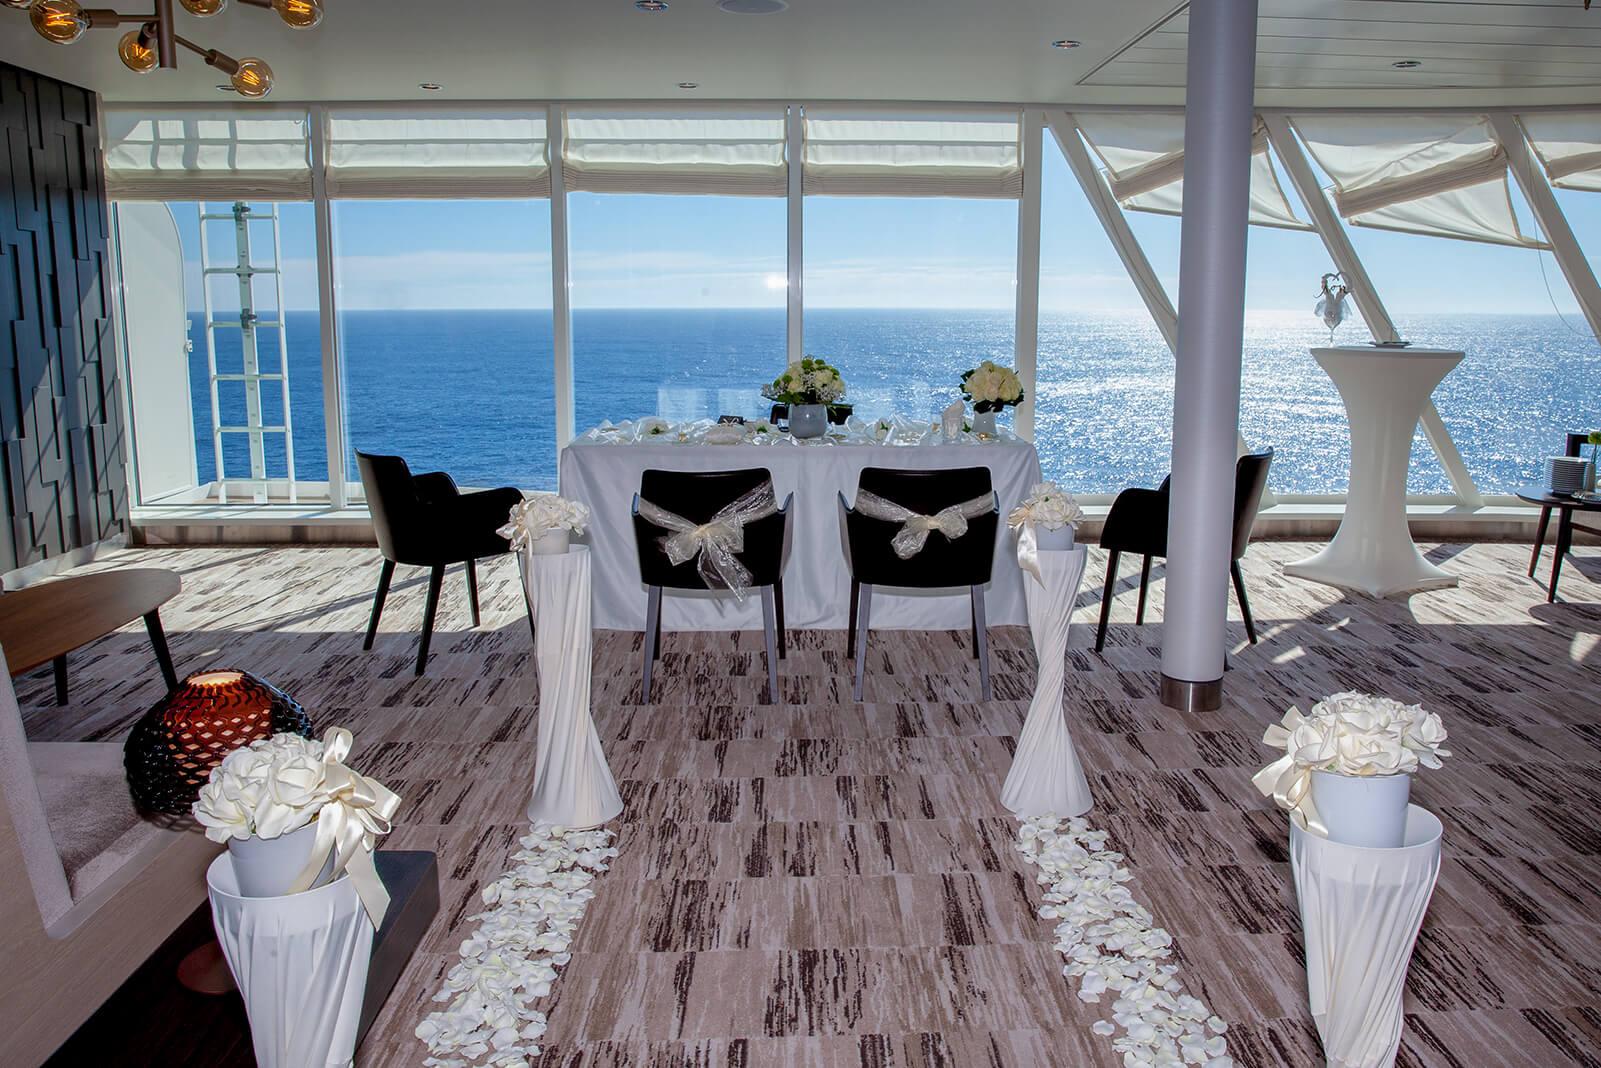 Hochzeit Auf Mein Schiff Mit Tui Cruises Cruise Love